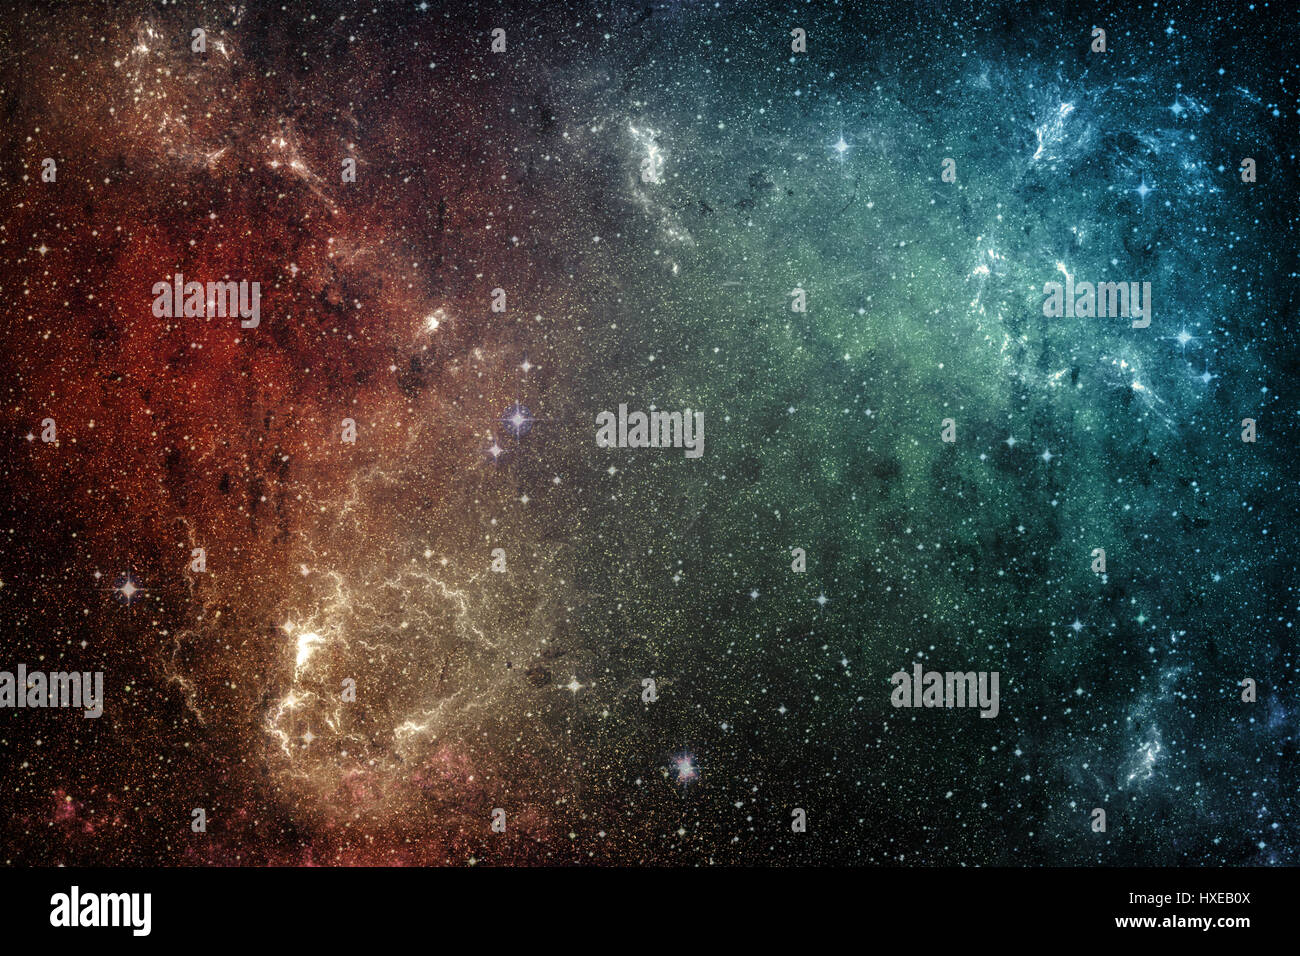 Space background. Universe stars nebula and galaxy - Stock Image